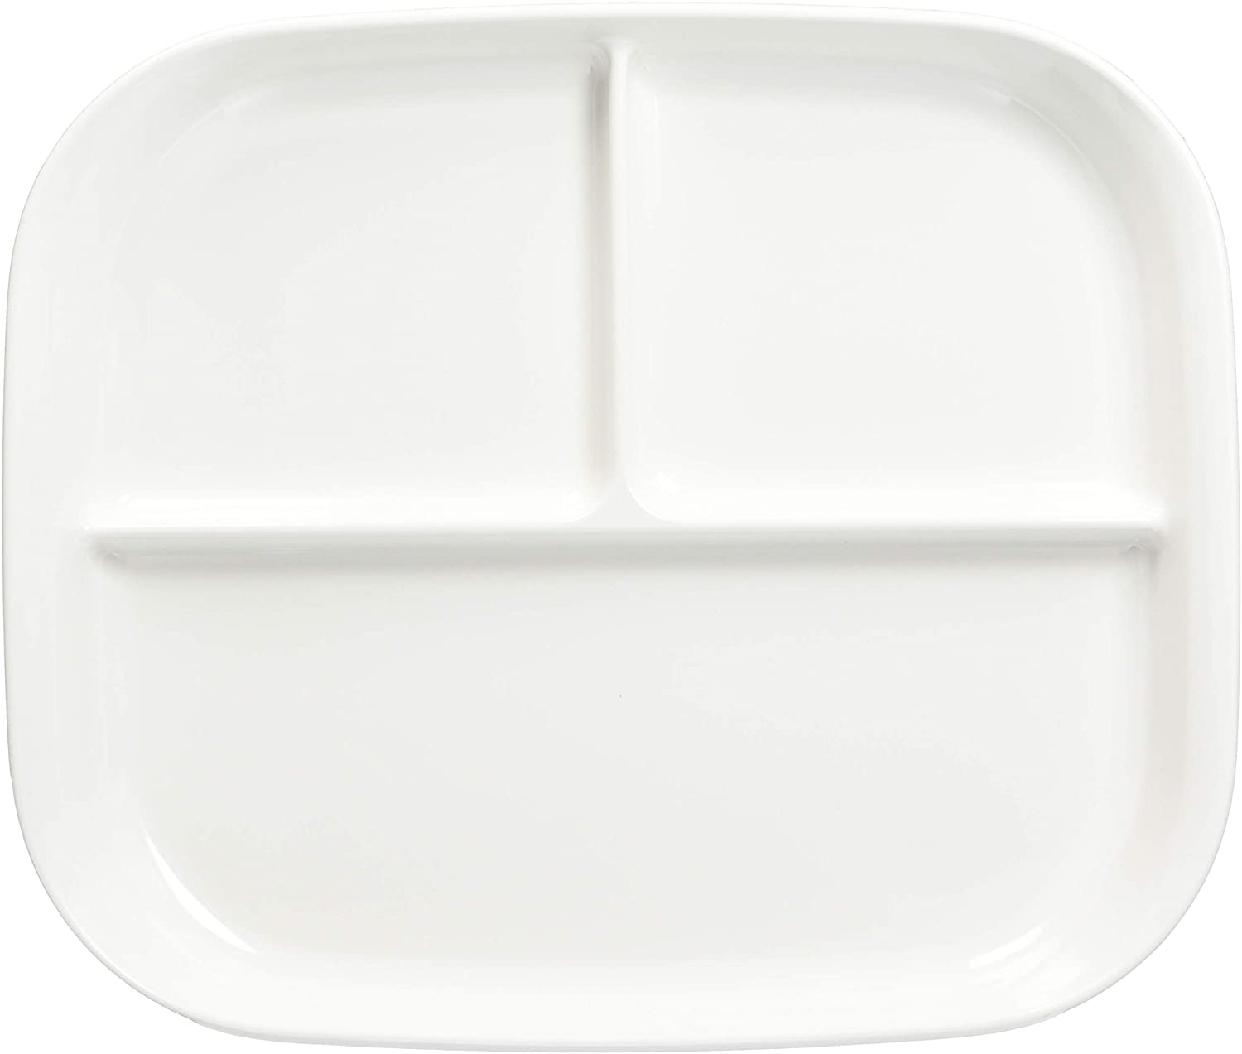 パール金属(パールキンゾク)あつかいやすい仕切付スクエアプレート(ホワイト) K-6388の商品画像